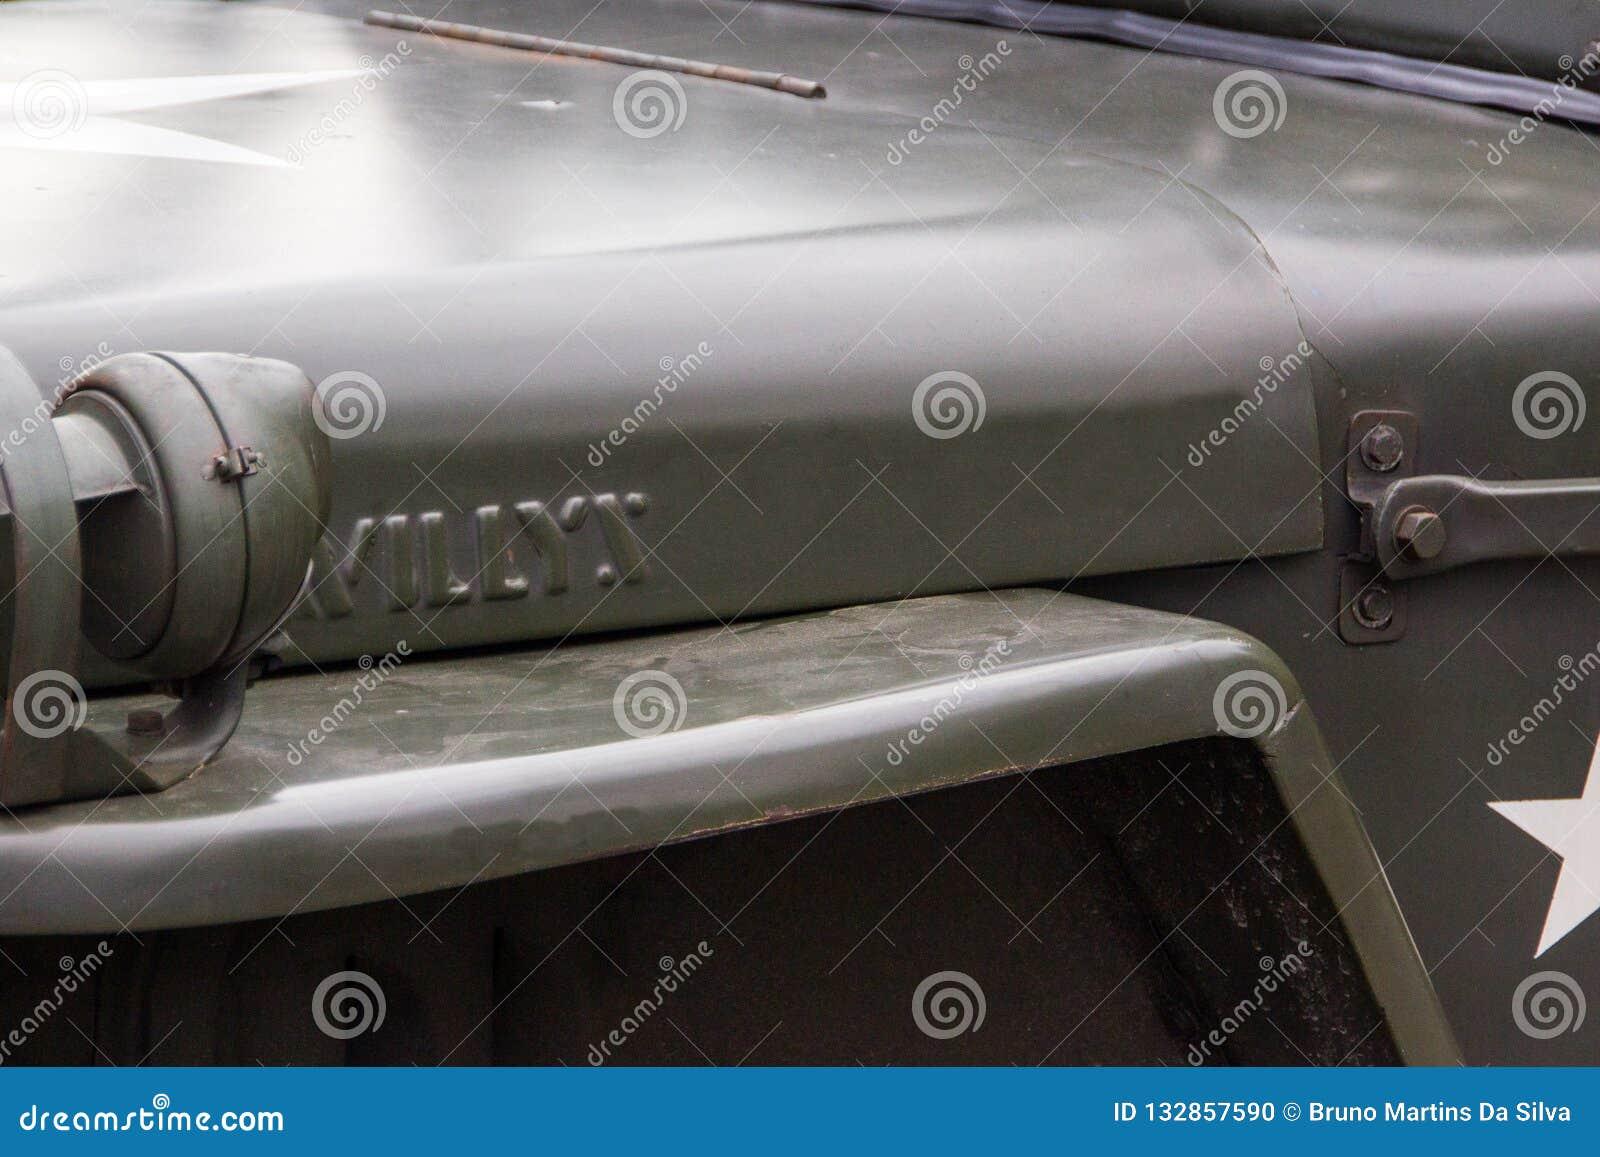 Militaire autodetails